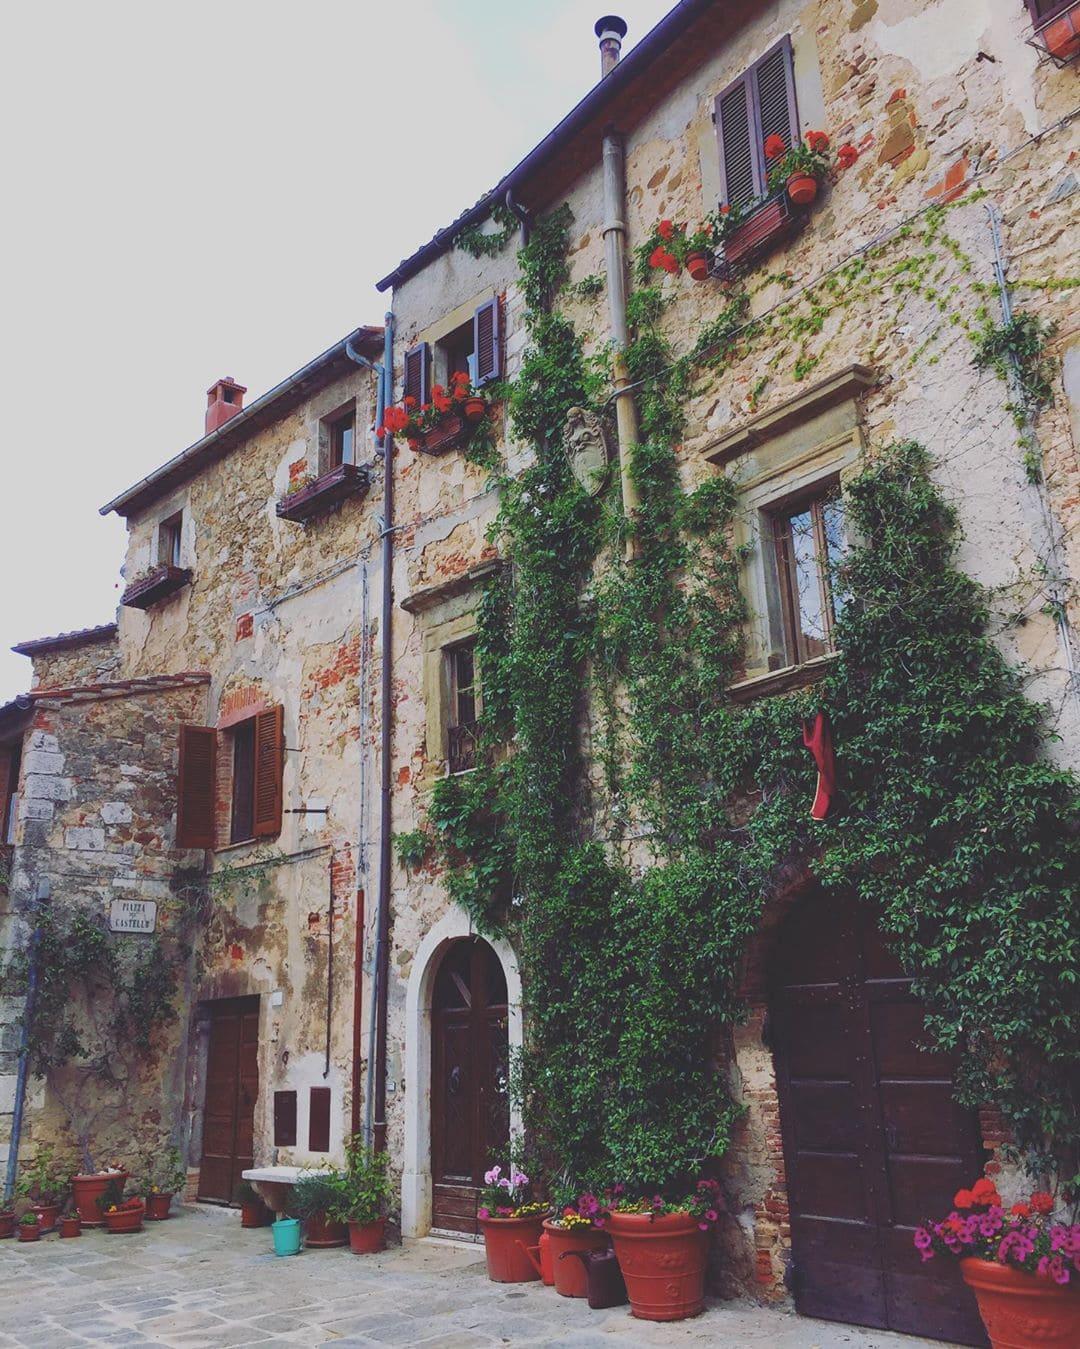 Hach – die Dörfer der Toskana sind einfach romantisch. @marie.worldwild war auf einen Abstecher in Italien. #bellaitalia #toskana #spaziergang #oldbutgold #comewithme #passionpassport #traveldeeper #italiengehtimmer #travel #montemerano #traveling #reporterontour #reisenexclusiv